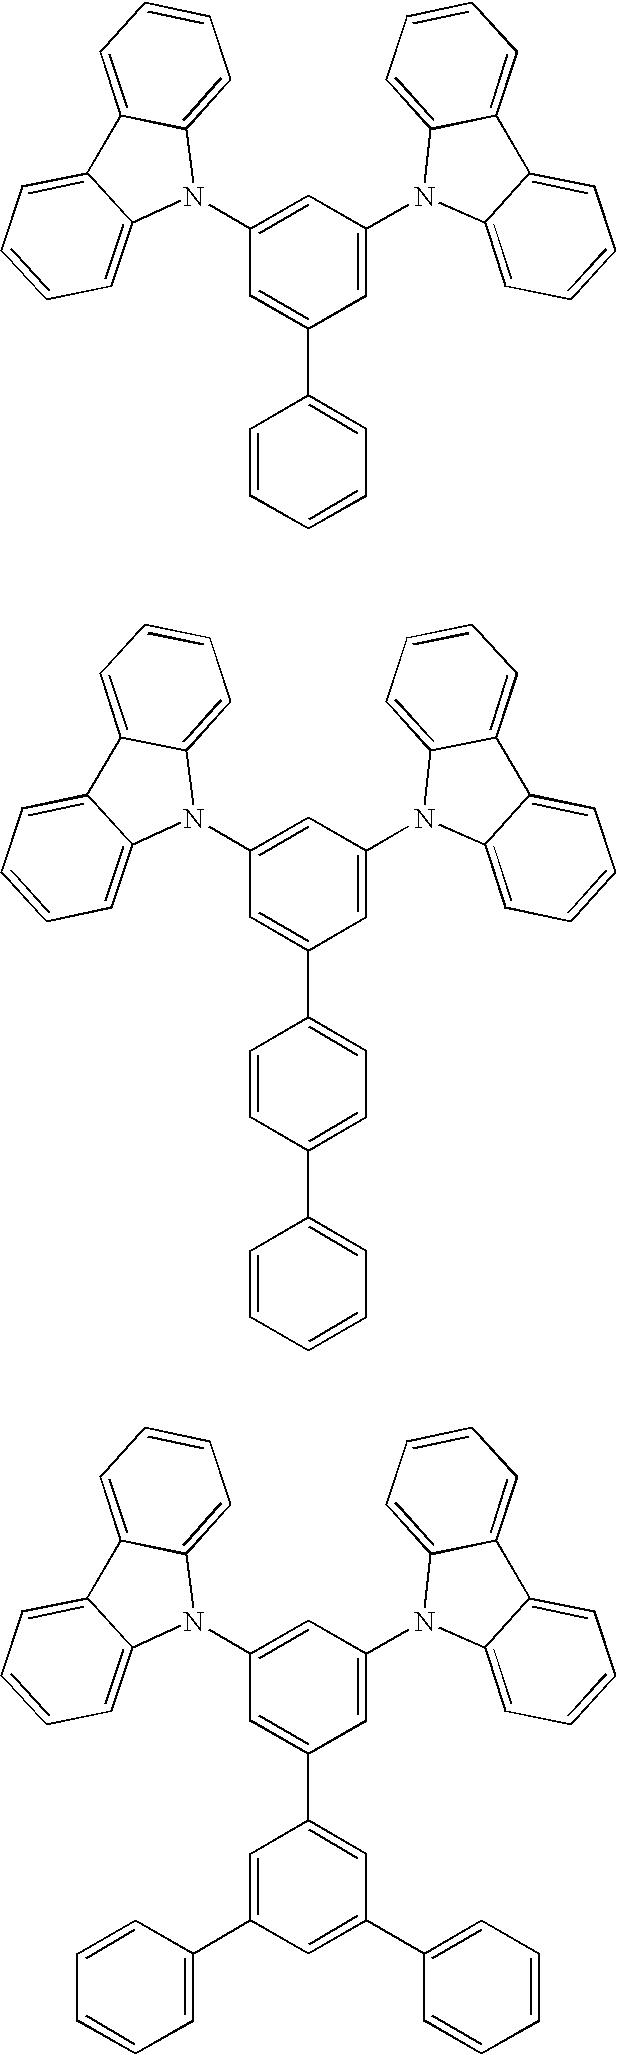 Figure US20030175553A1-20030918-C00002